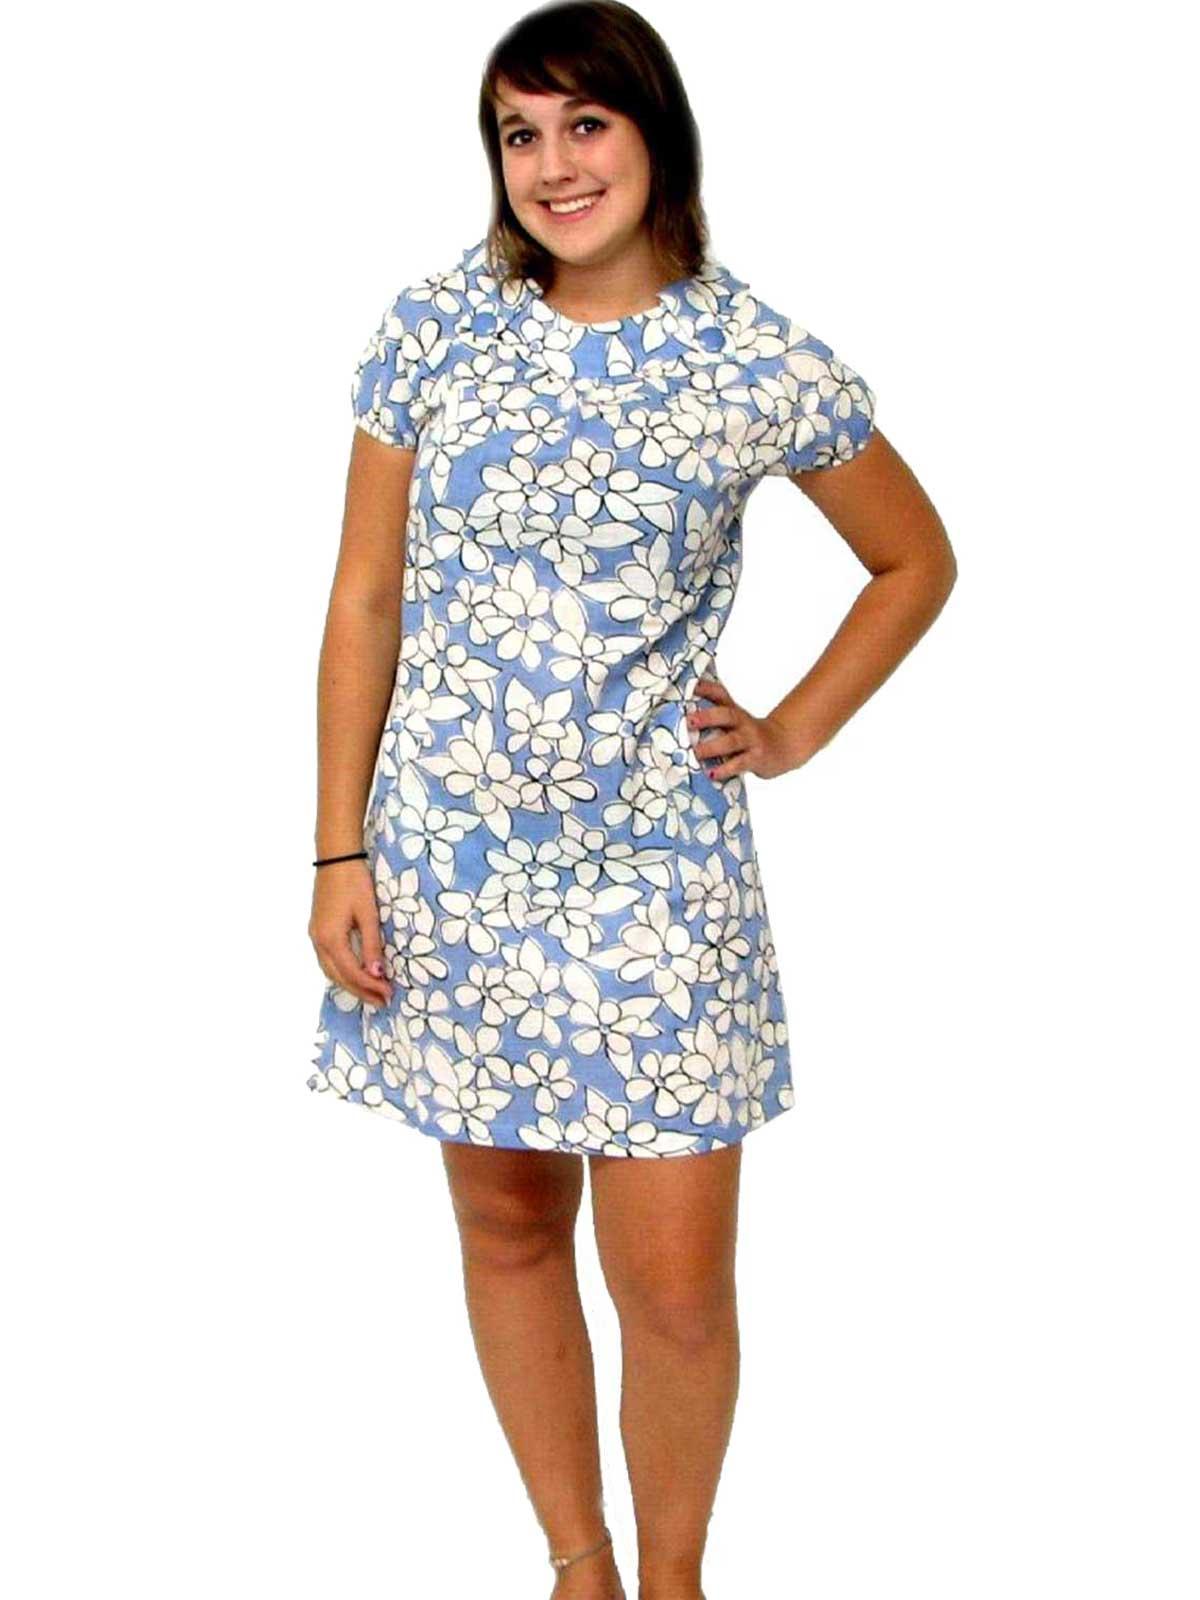 50 S Vintage Mini Dress 50s Inspired Poppy Garden